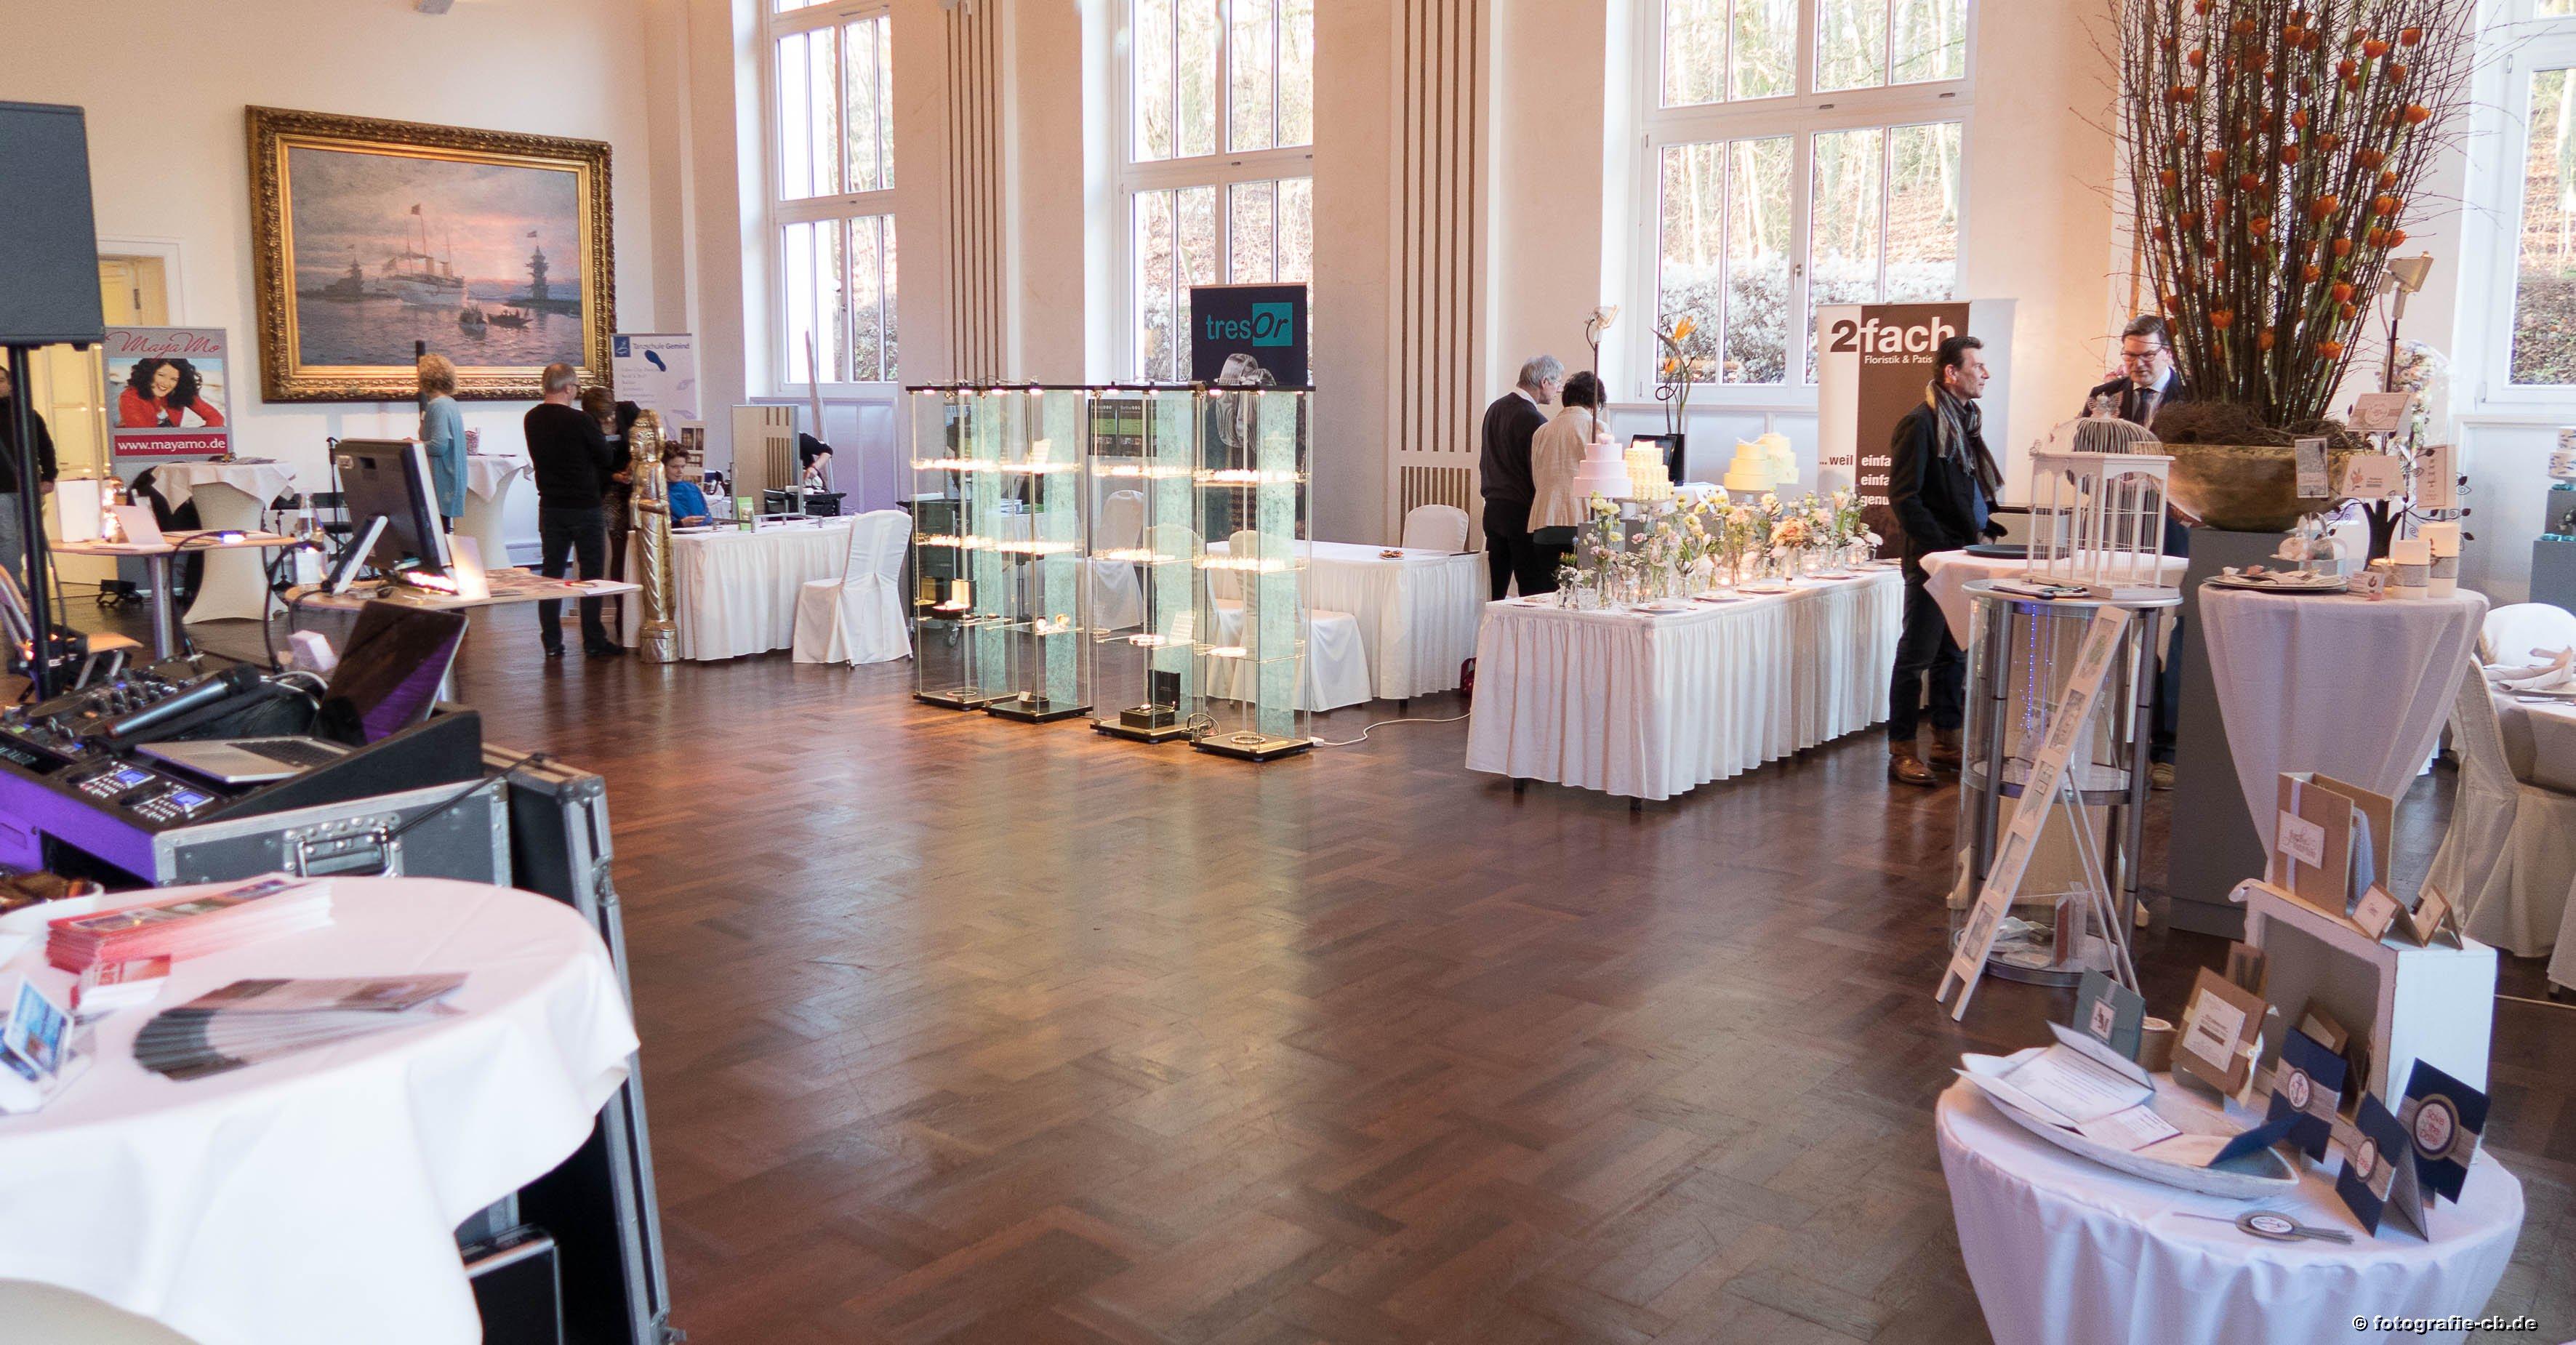 ... Kiel im Kieler Yachtclub  Hochzeitsmesse - Elegante Events Kiel